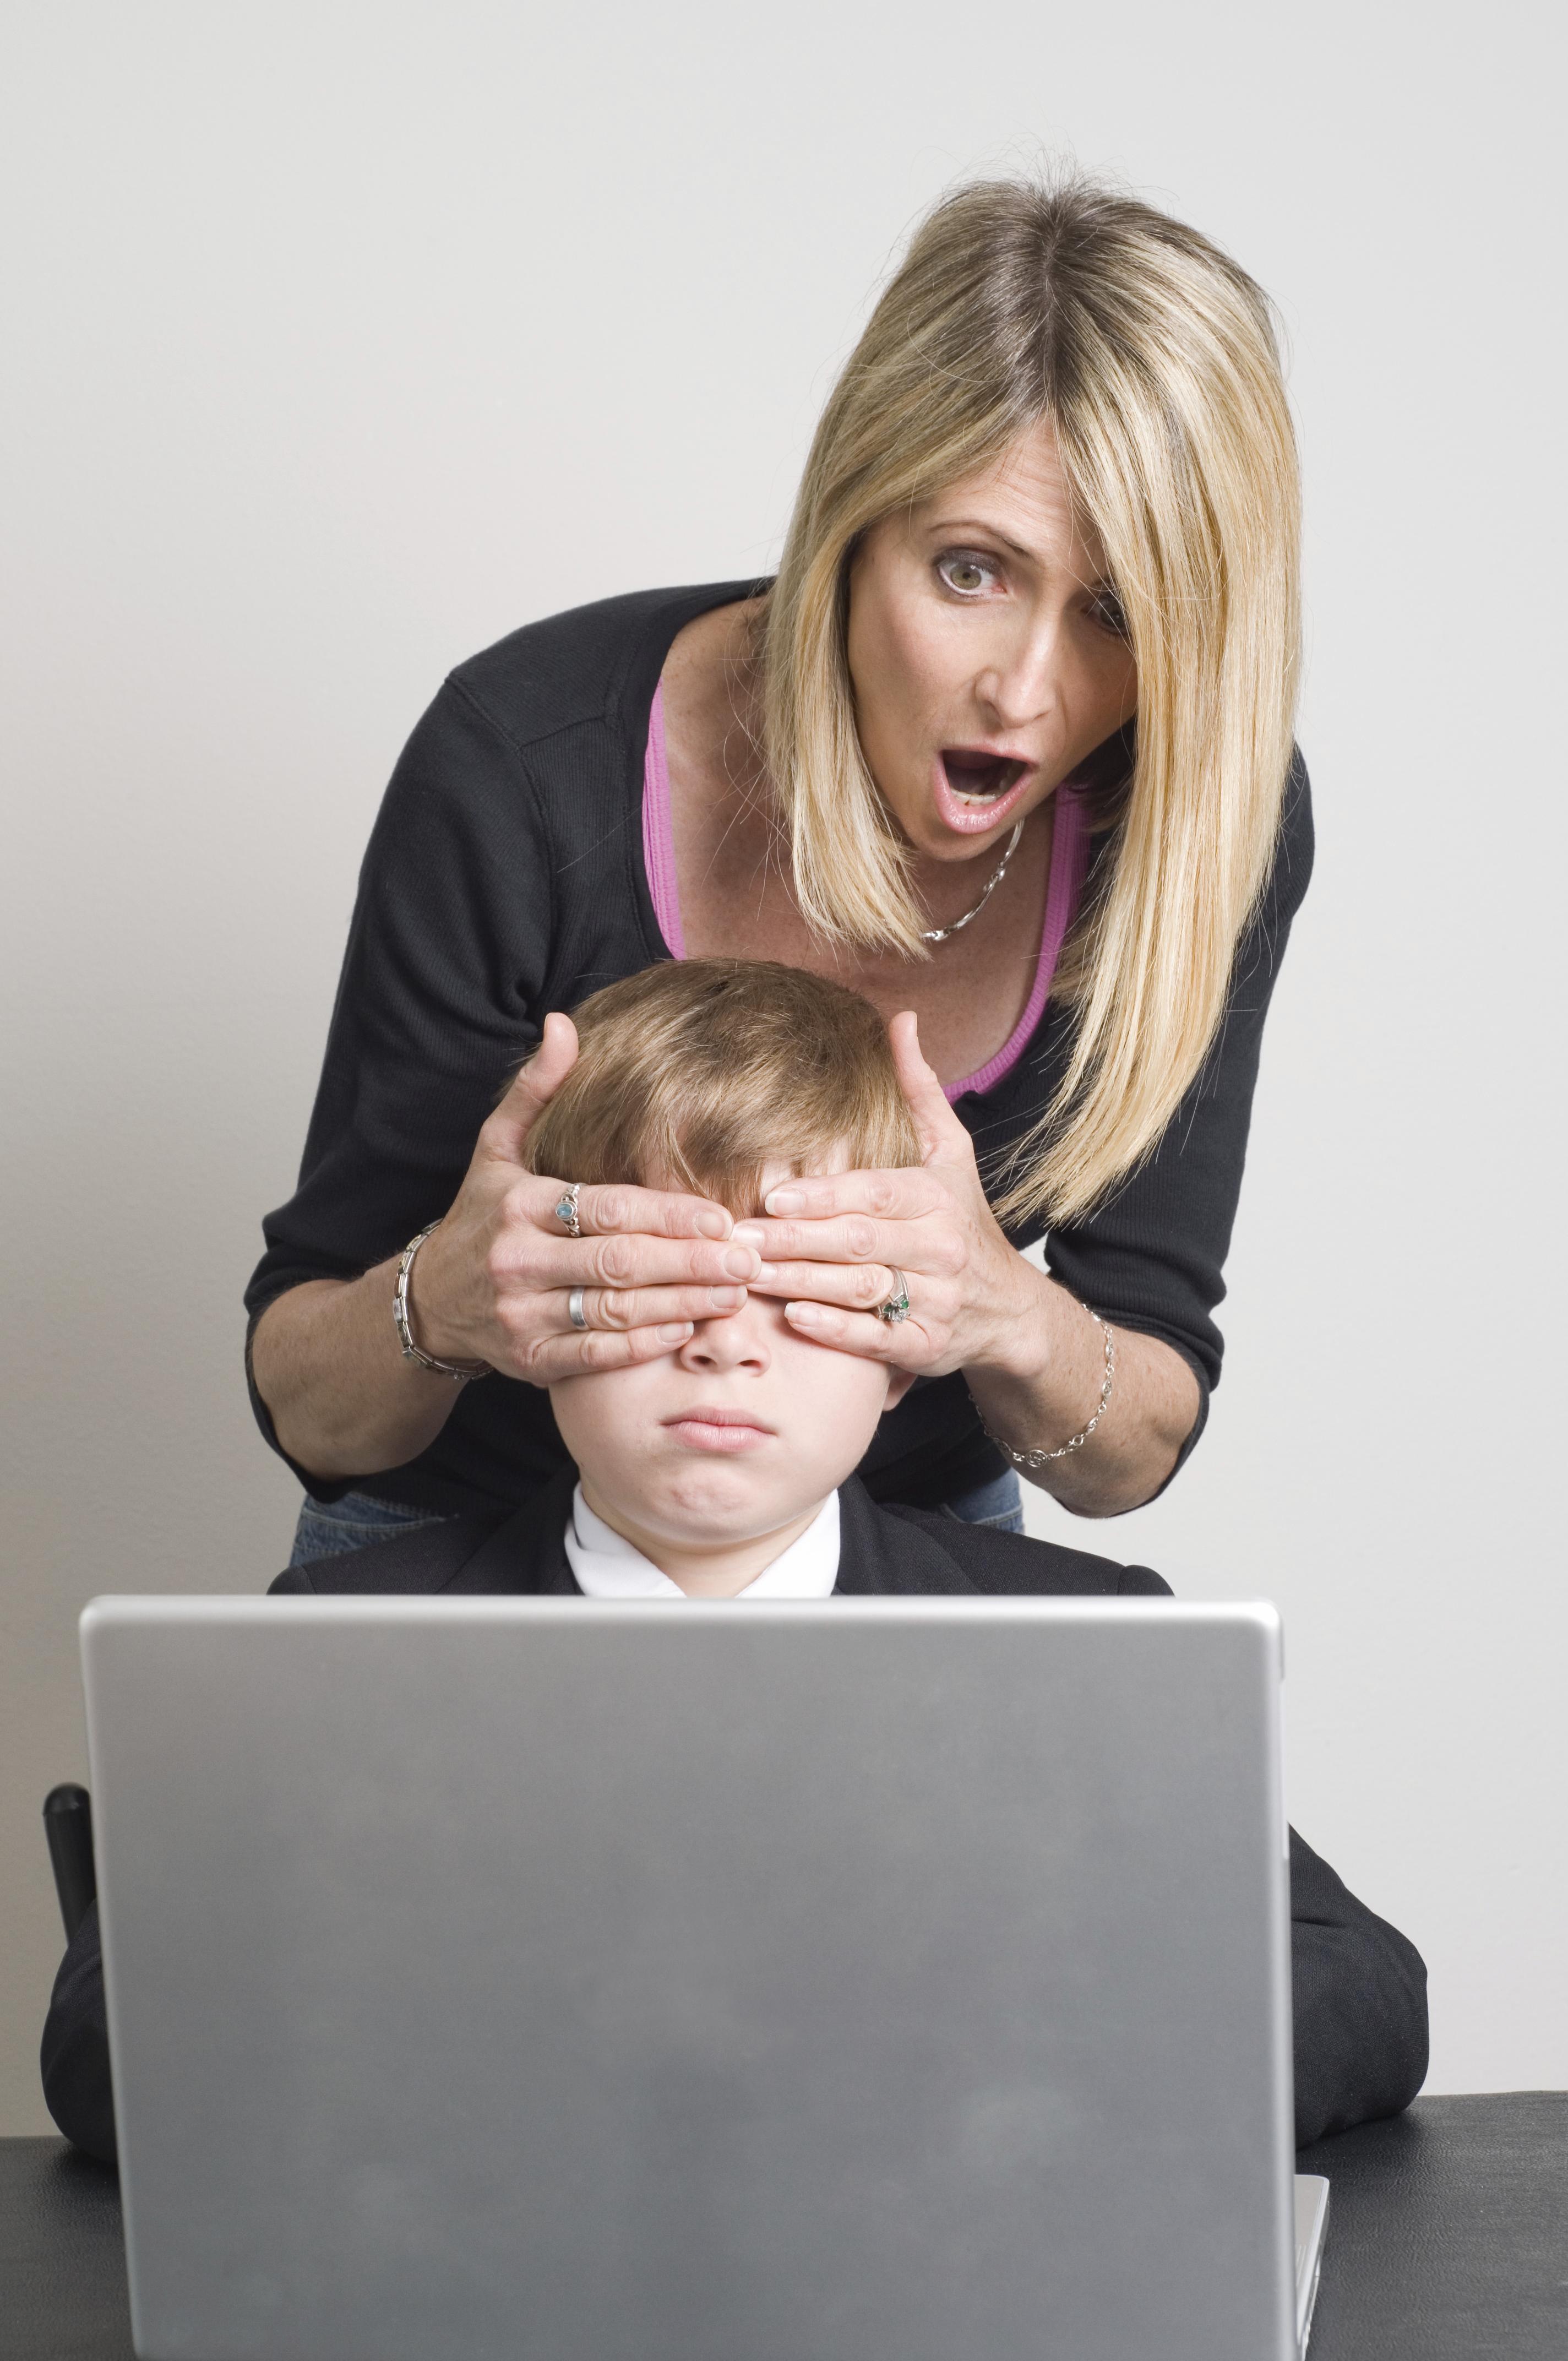 کودکان و مطالب غیراخلاقی موجود در اینترنت